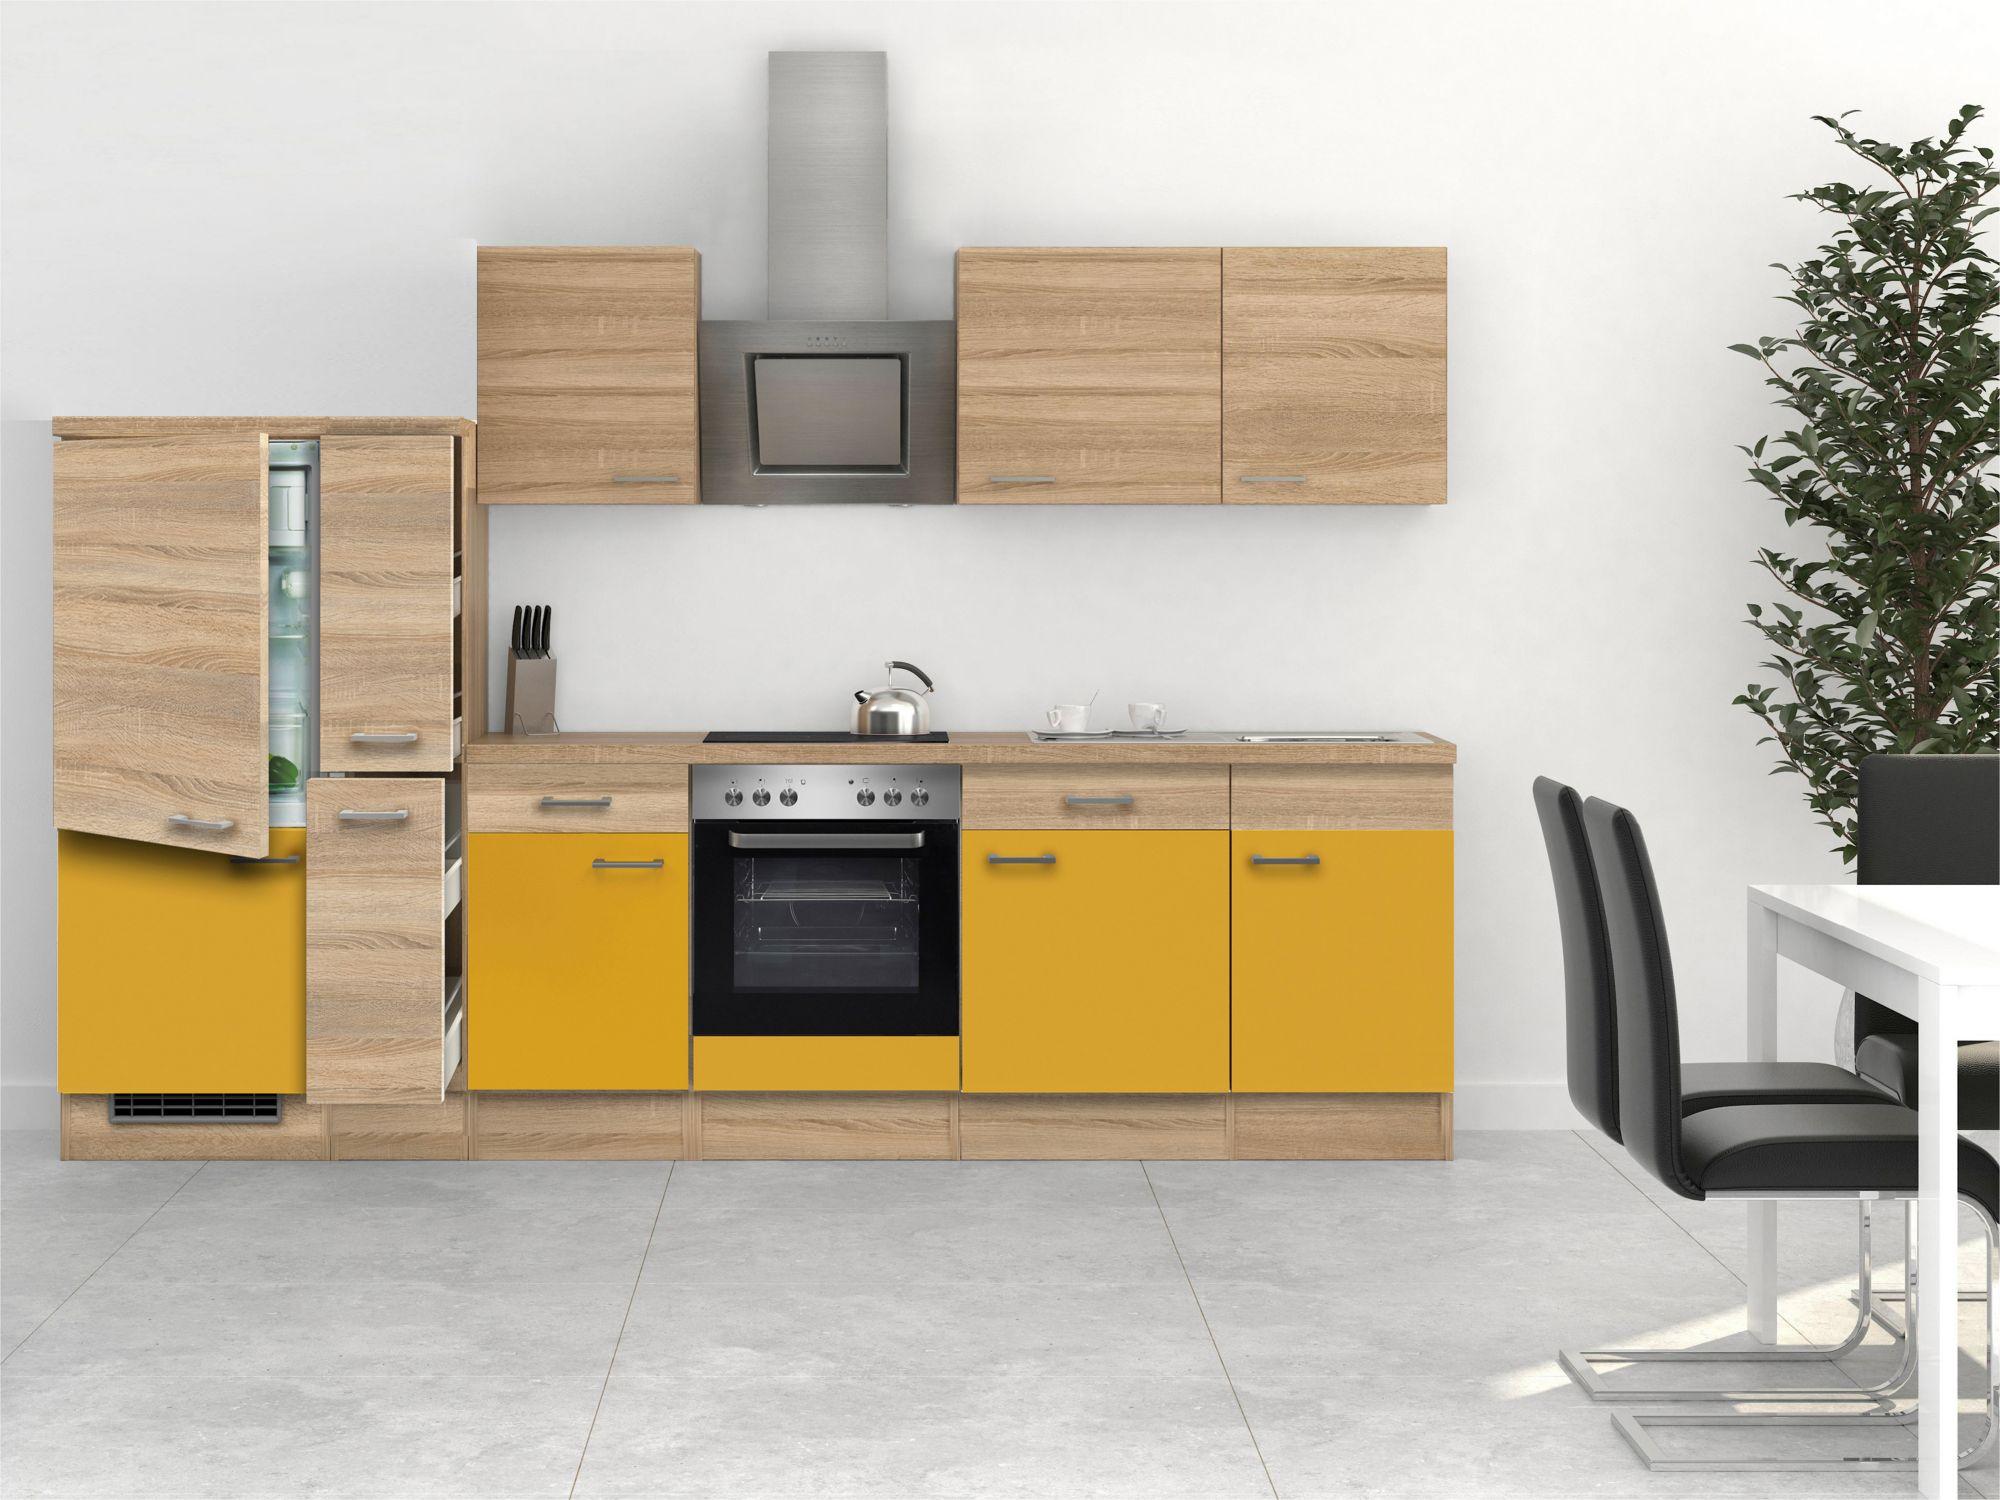 Billige Einbauküchen Mit E Geräten ~  mit EGeräten »Rio«, Breite 310 cm, inkl 2 Frontensatz gratis